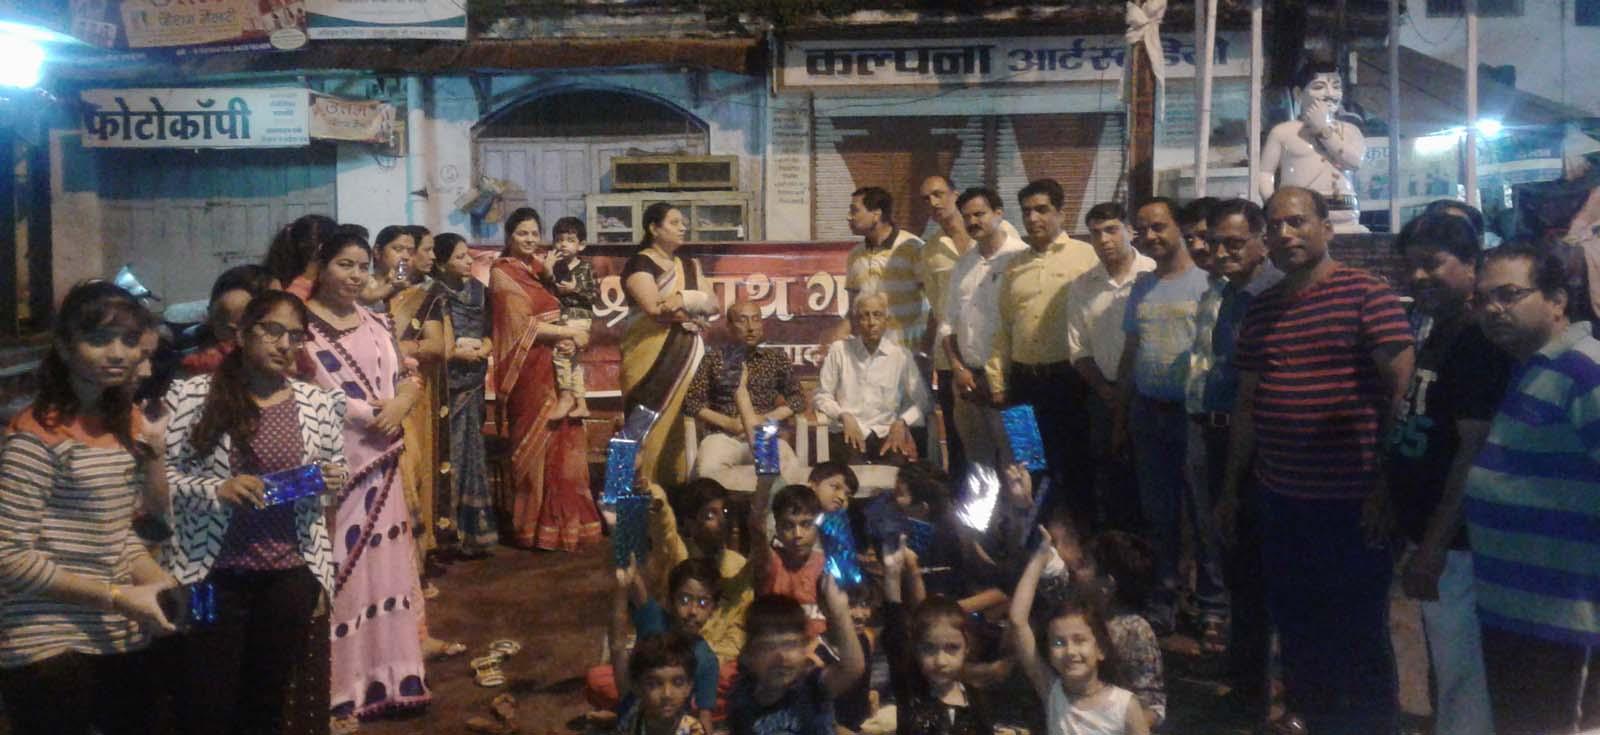 Jhabua News-श्री नाथ गणेश मंडल ने कार्यक्रम रखकर प्रतियोगिता में हिस्सा लेने वाले बच्चों को किया पुरस्कृत